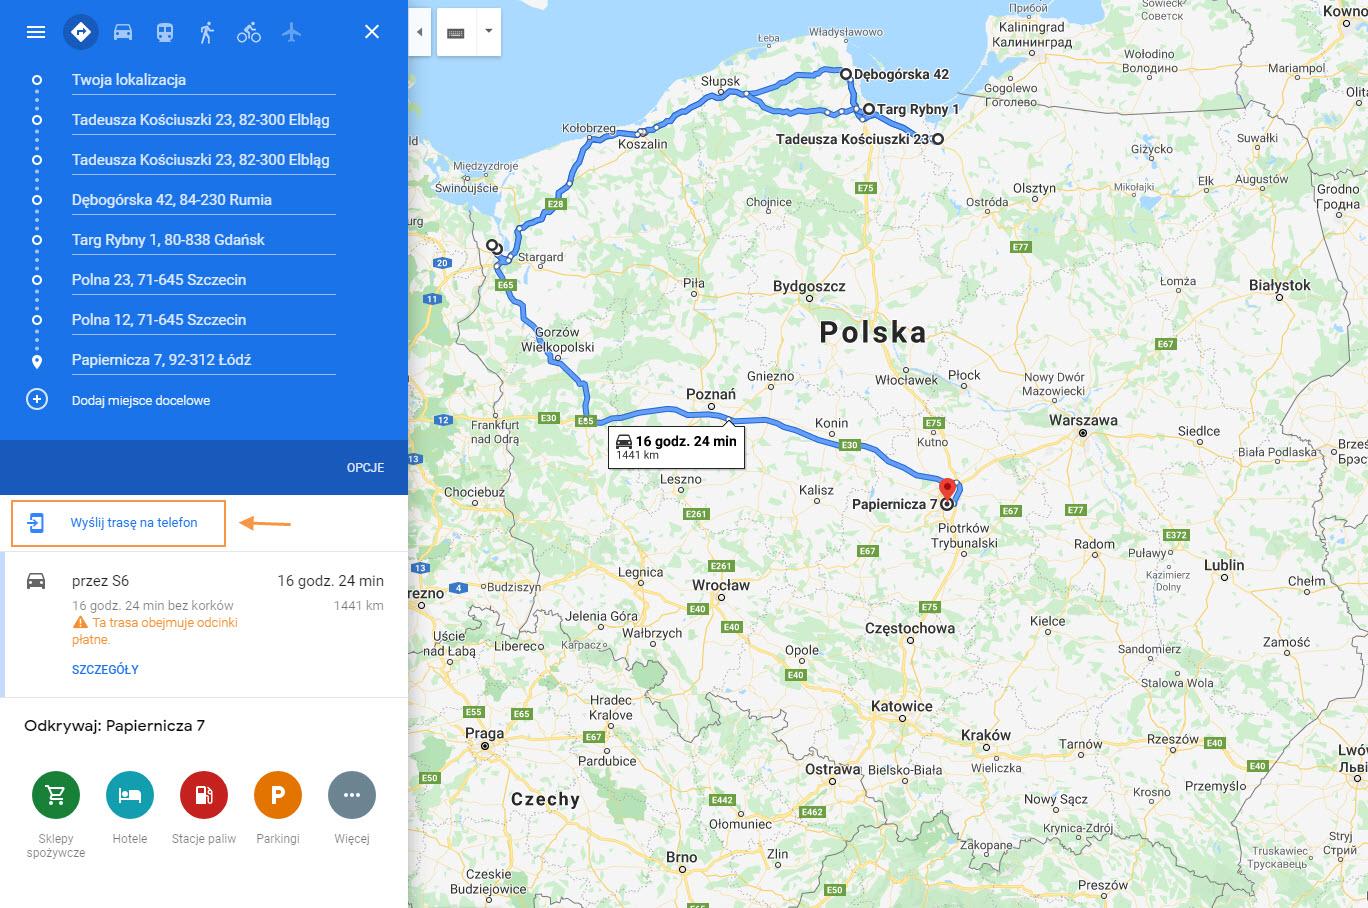 trasa dojazdu w google maps do klientów bezpośrednio z optimasales crm